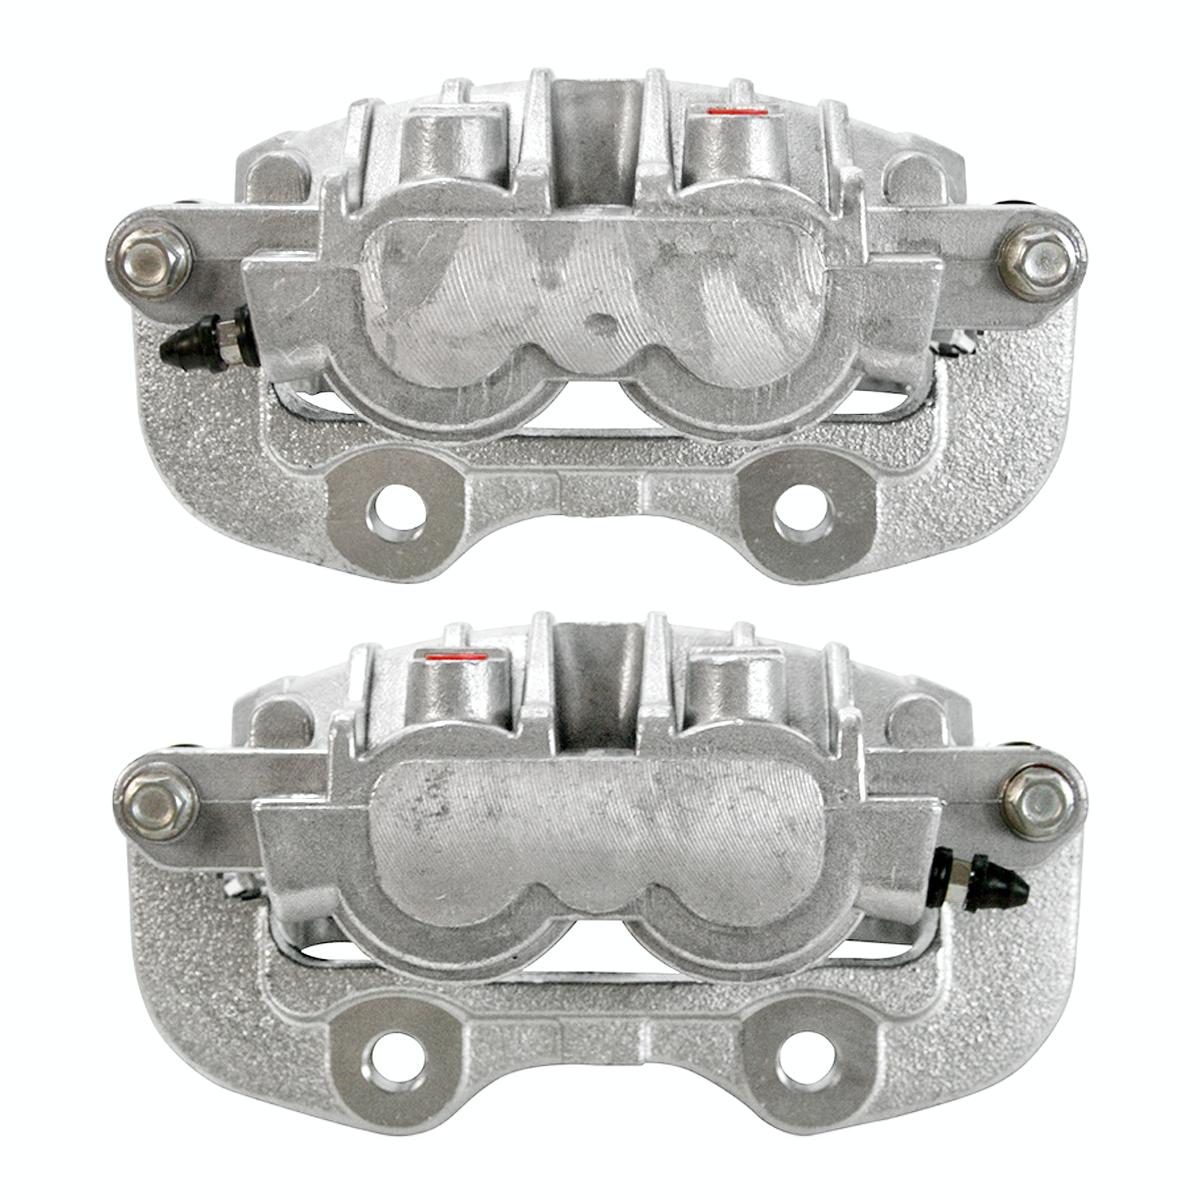 Prime Choice Auto Parts BC3076 Rear Left Driver Side Brake Caliper